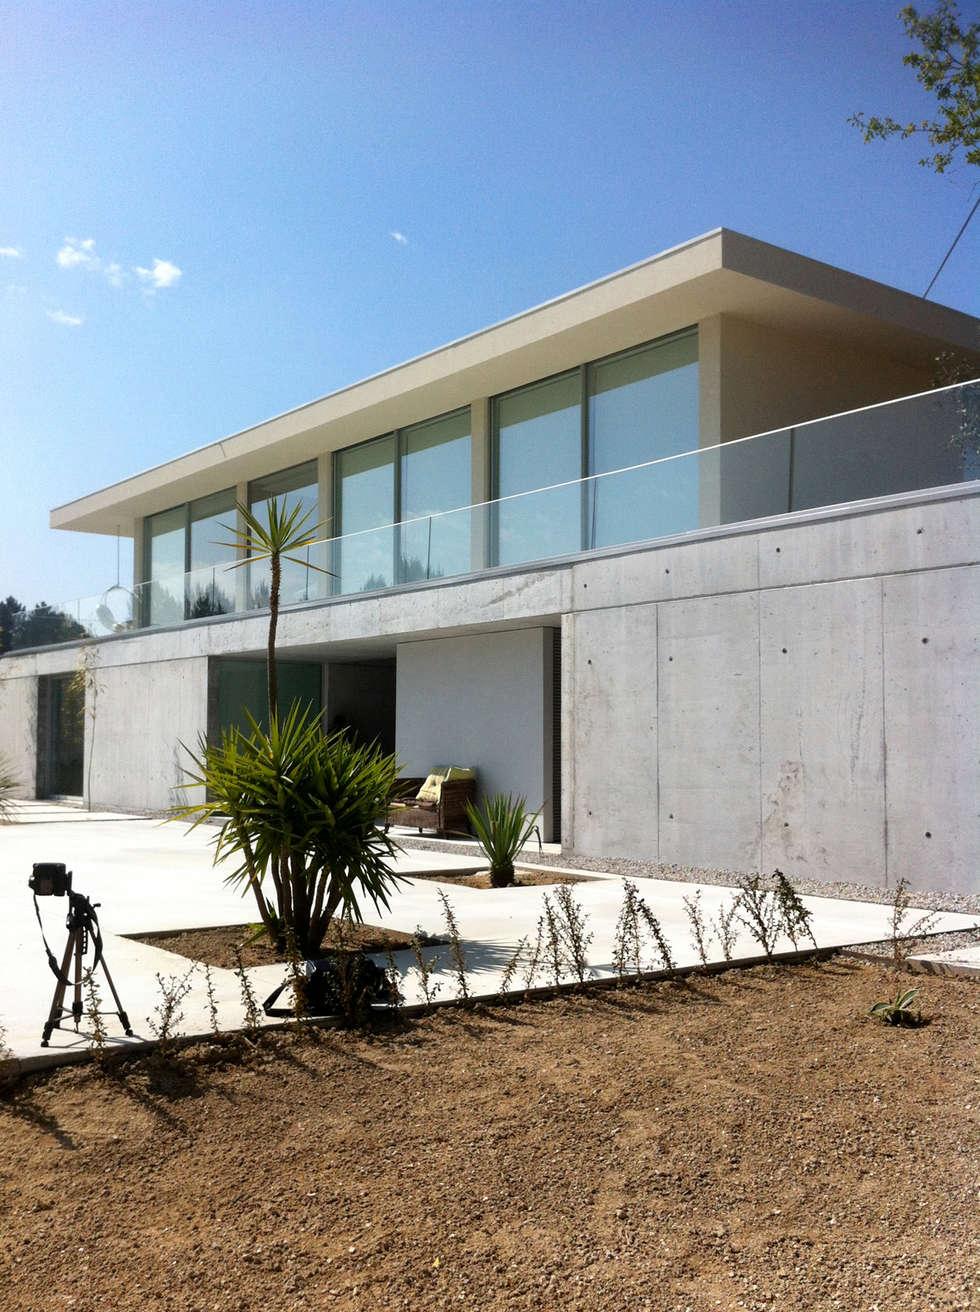 Casa Cláudia: Casas minimalistas por Artspazios, arquitectos e designers